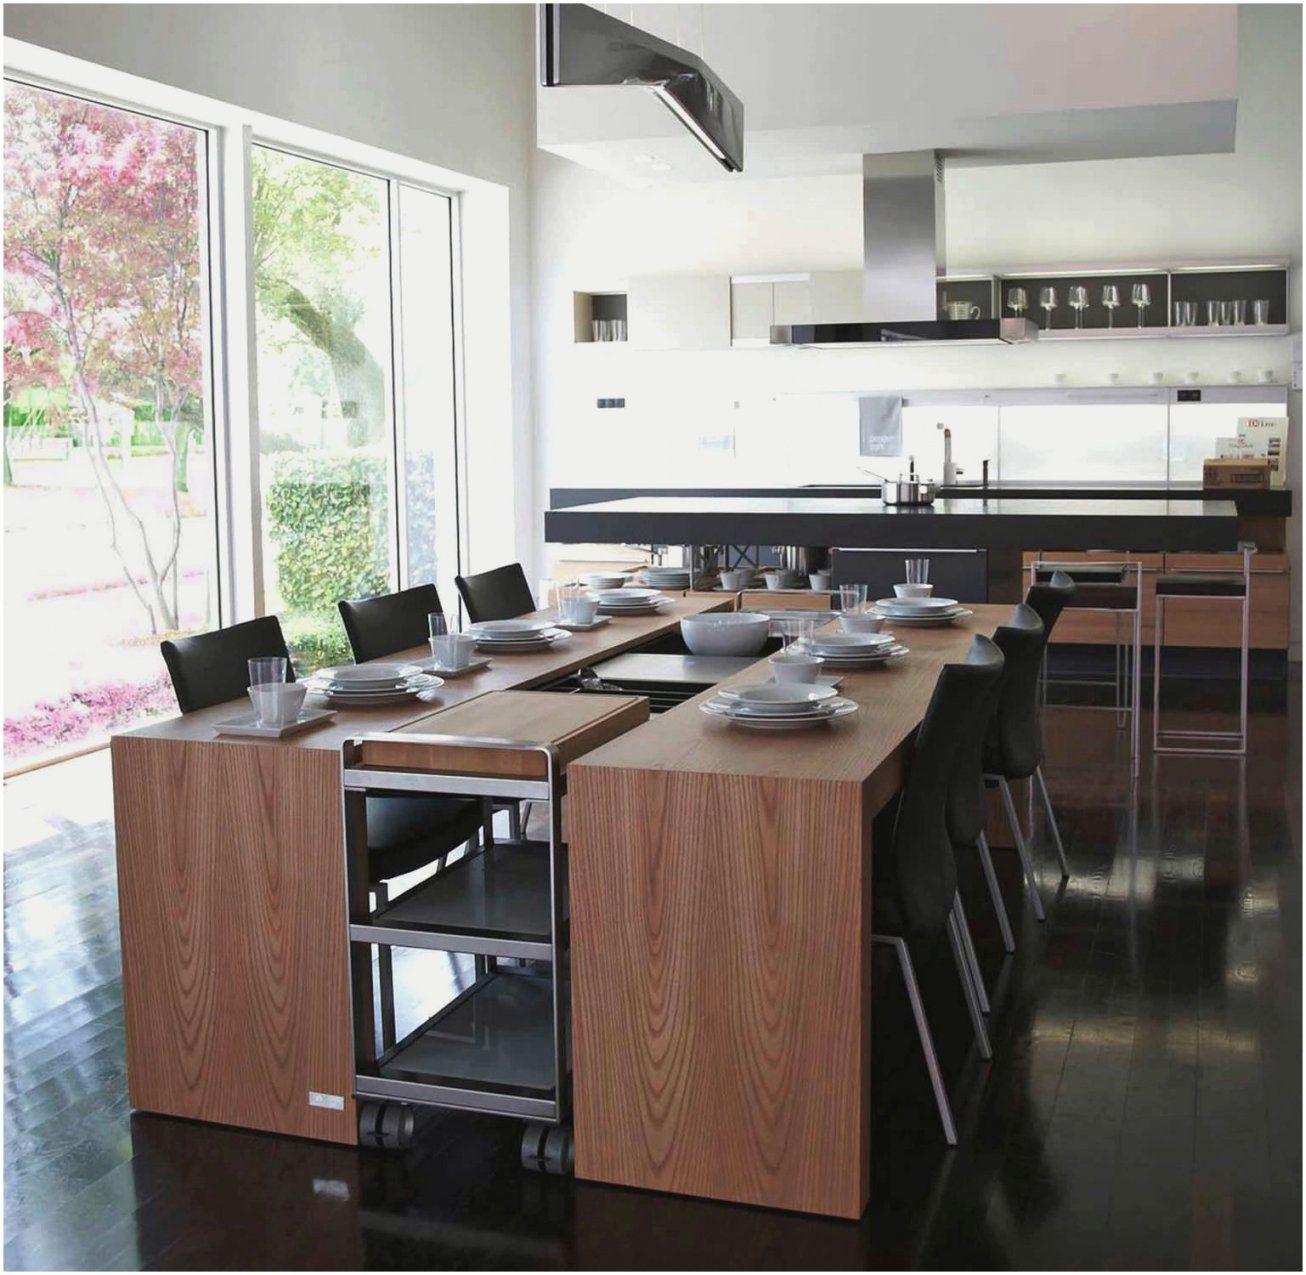 Küche Mit Kochinsel Und Tisch Luxury Kochinsel Mit Integriertem von Kochinsel Mit Integriertem Tisch Photo